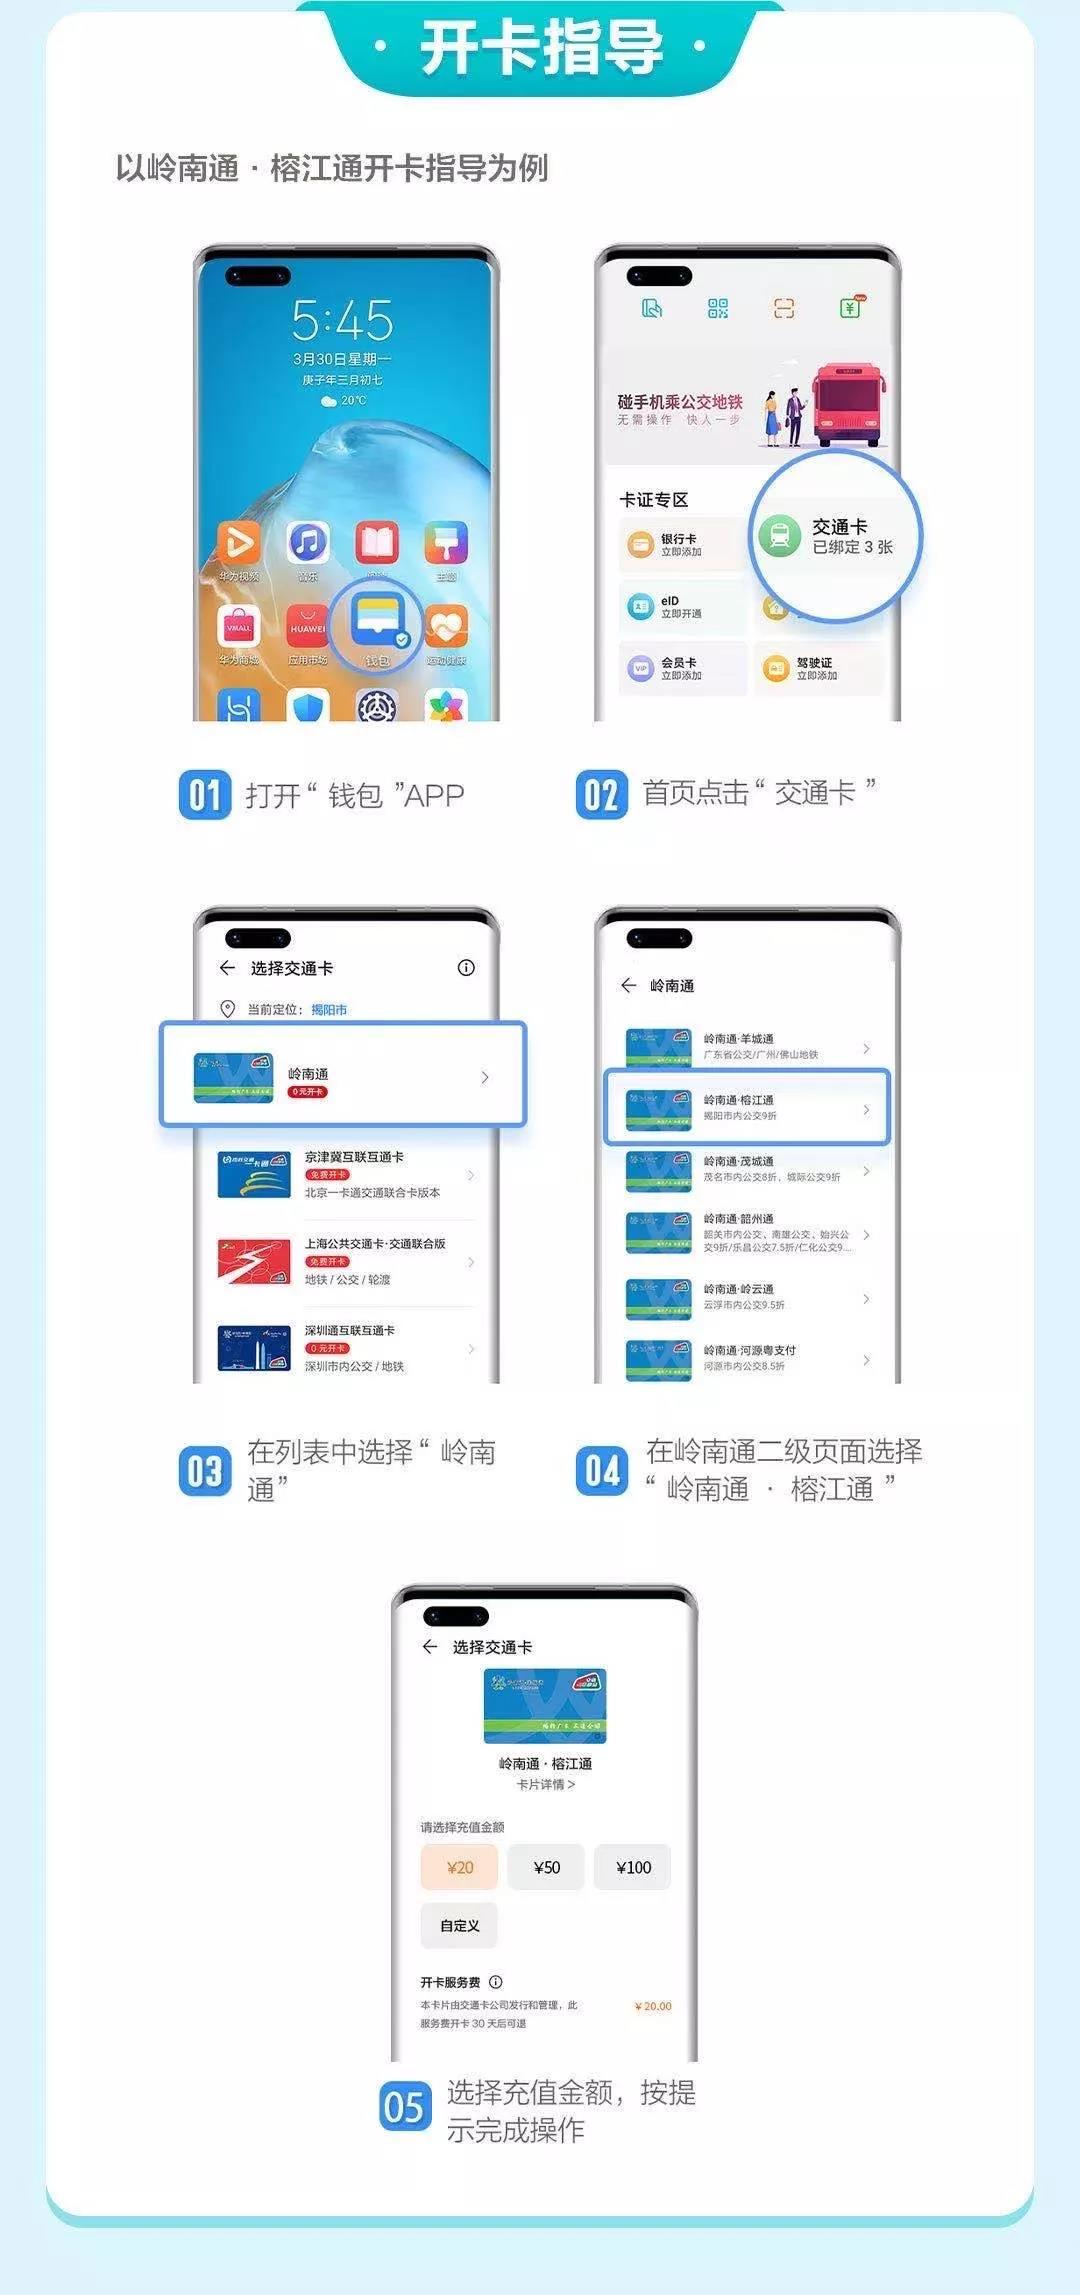 岭南通MOT开卡教程-以揭阳为例.jpg